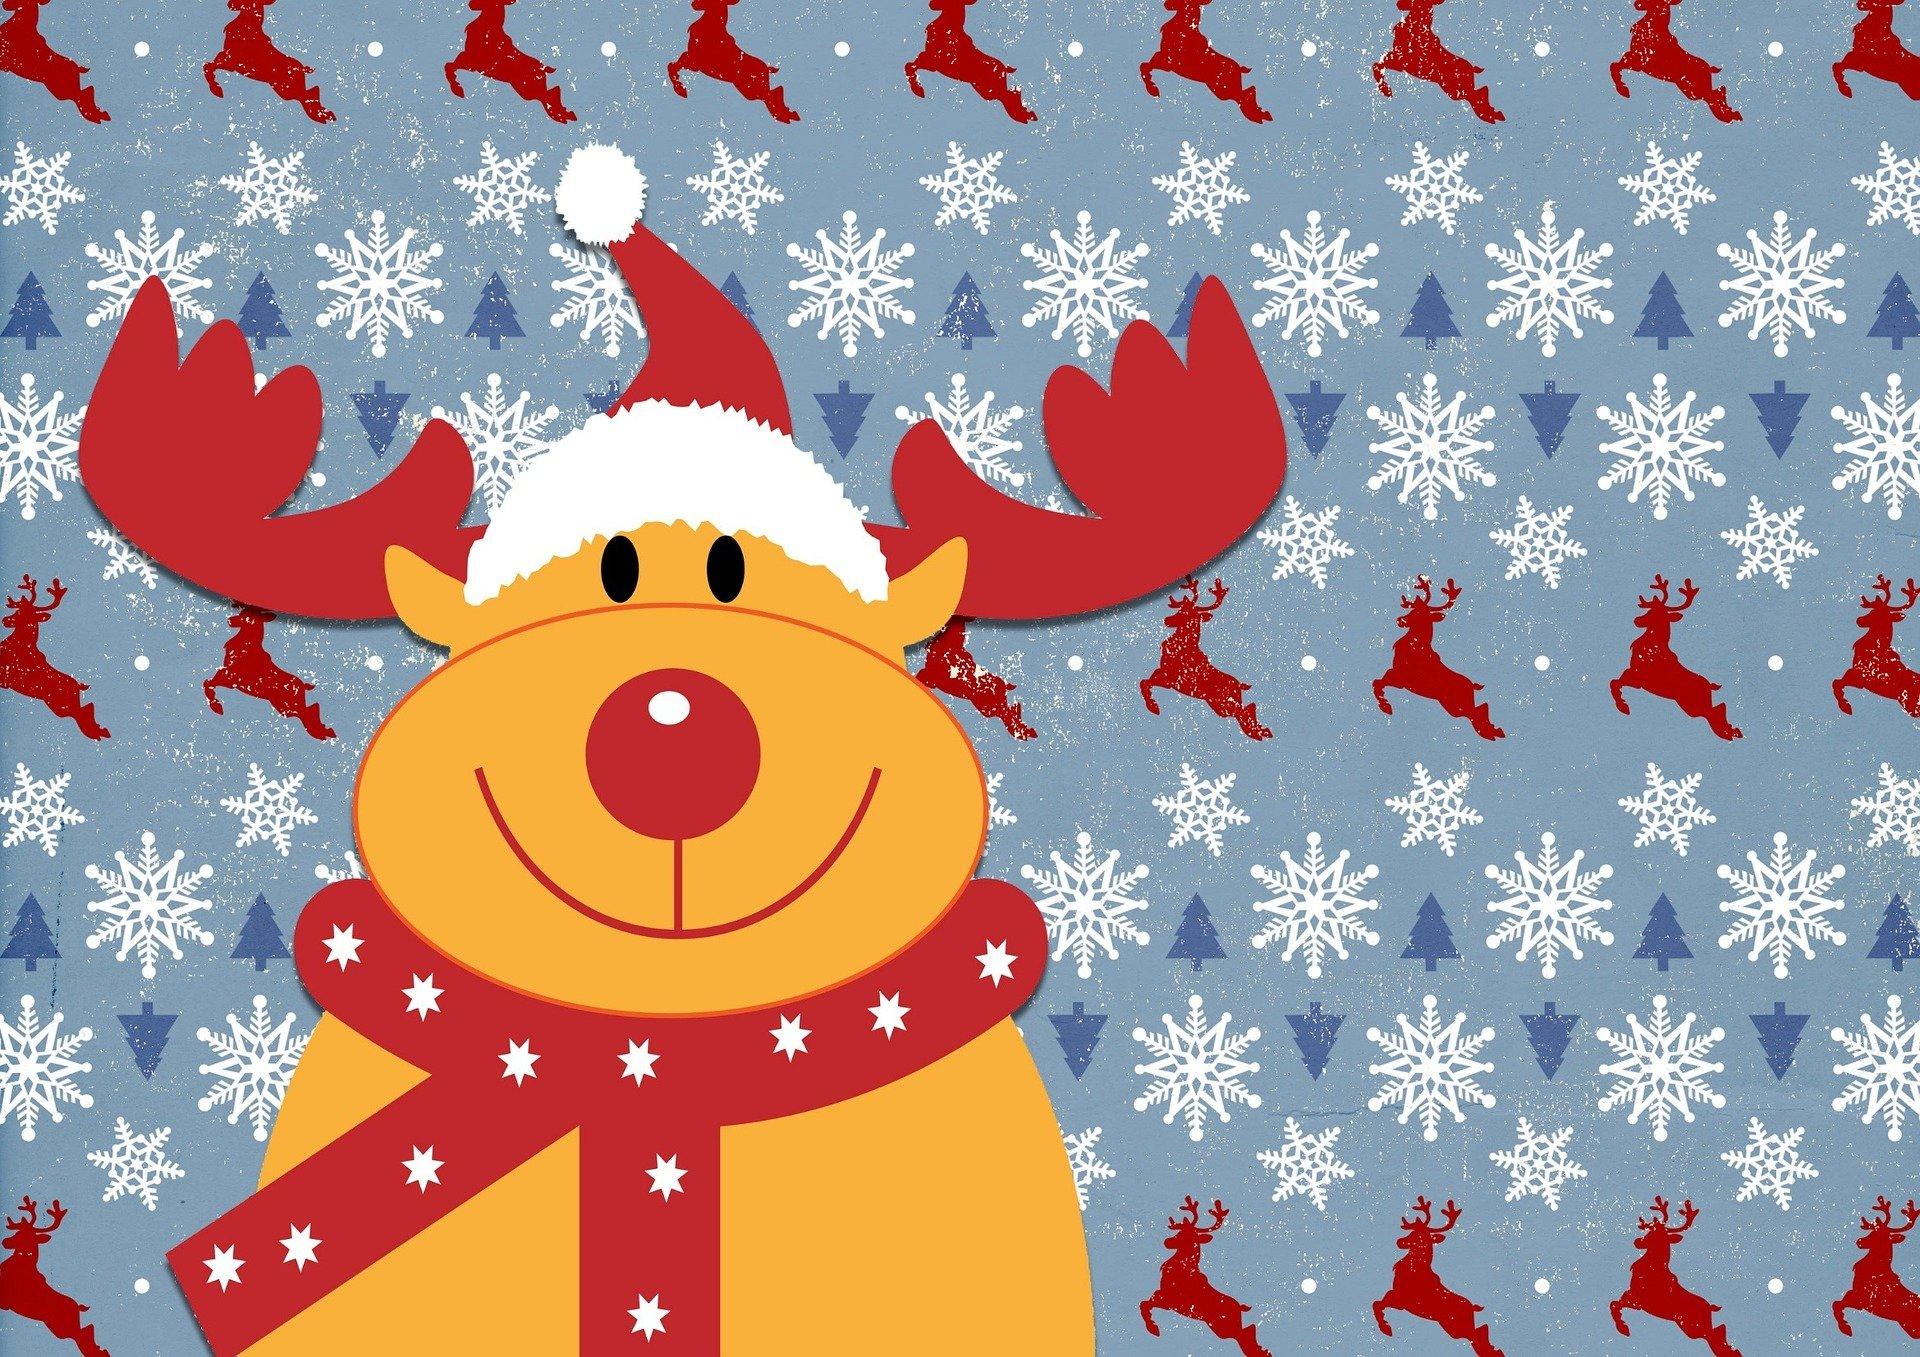 断酒して2回目のクリスマス!!!子供用のポケモンシャンパンみたいなのが飲みたいな!